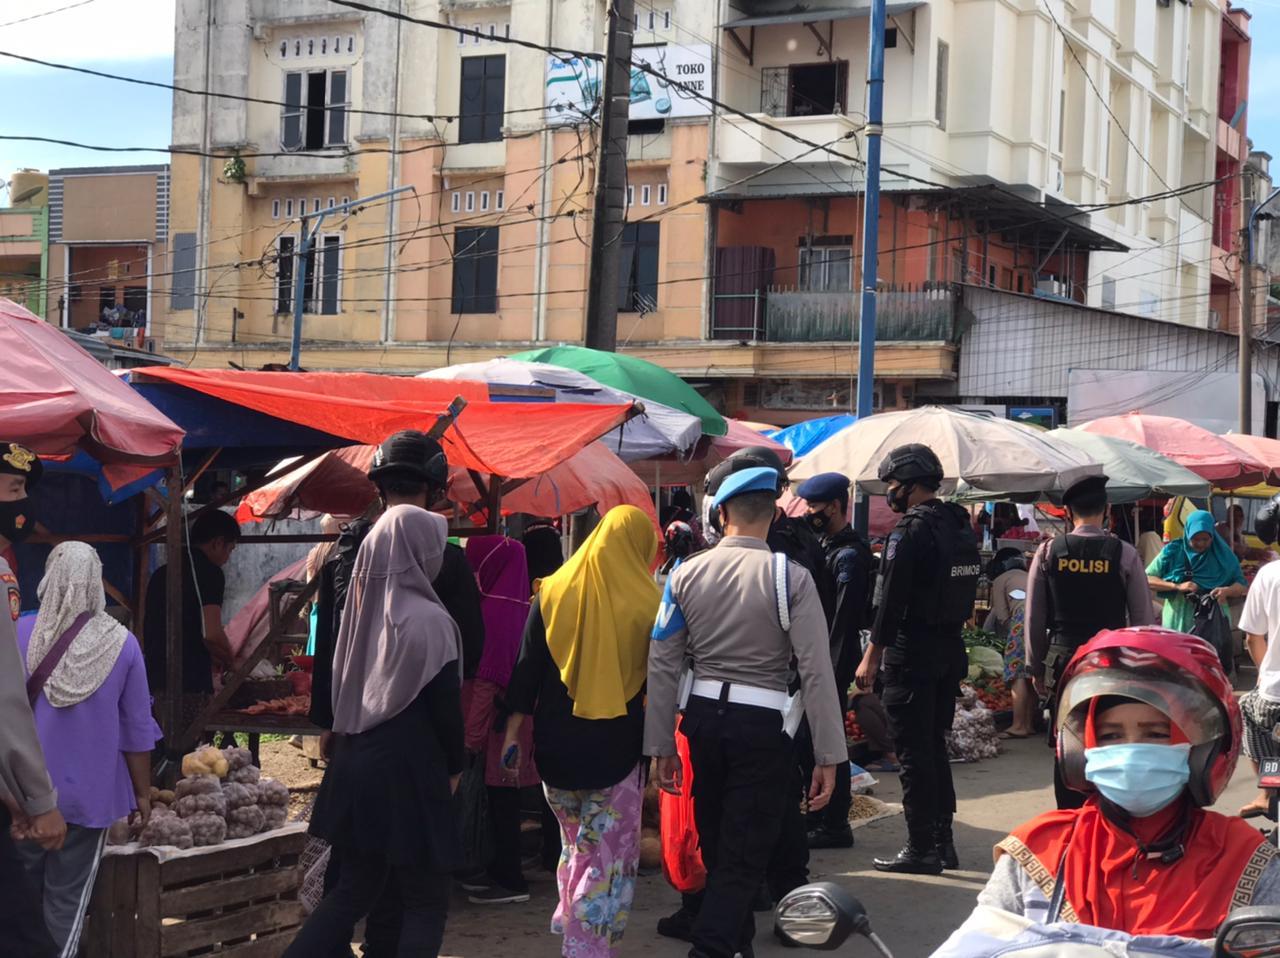 Patroli Kawasan Pasar, Satgas Aman Nusa Polda Bengkulu Ingatkan Masyarakat Patuhi Prokes